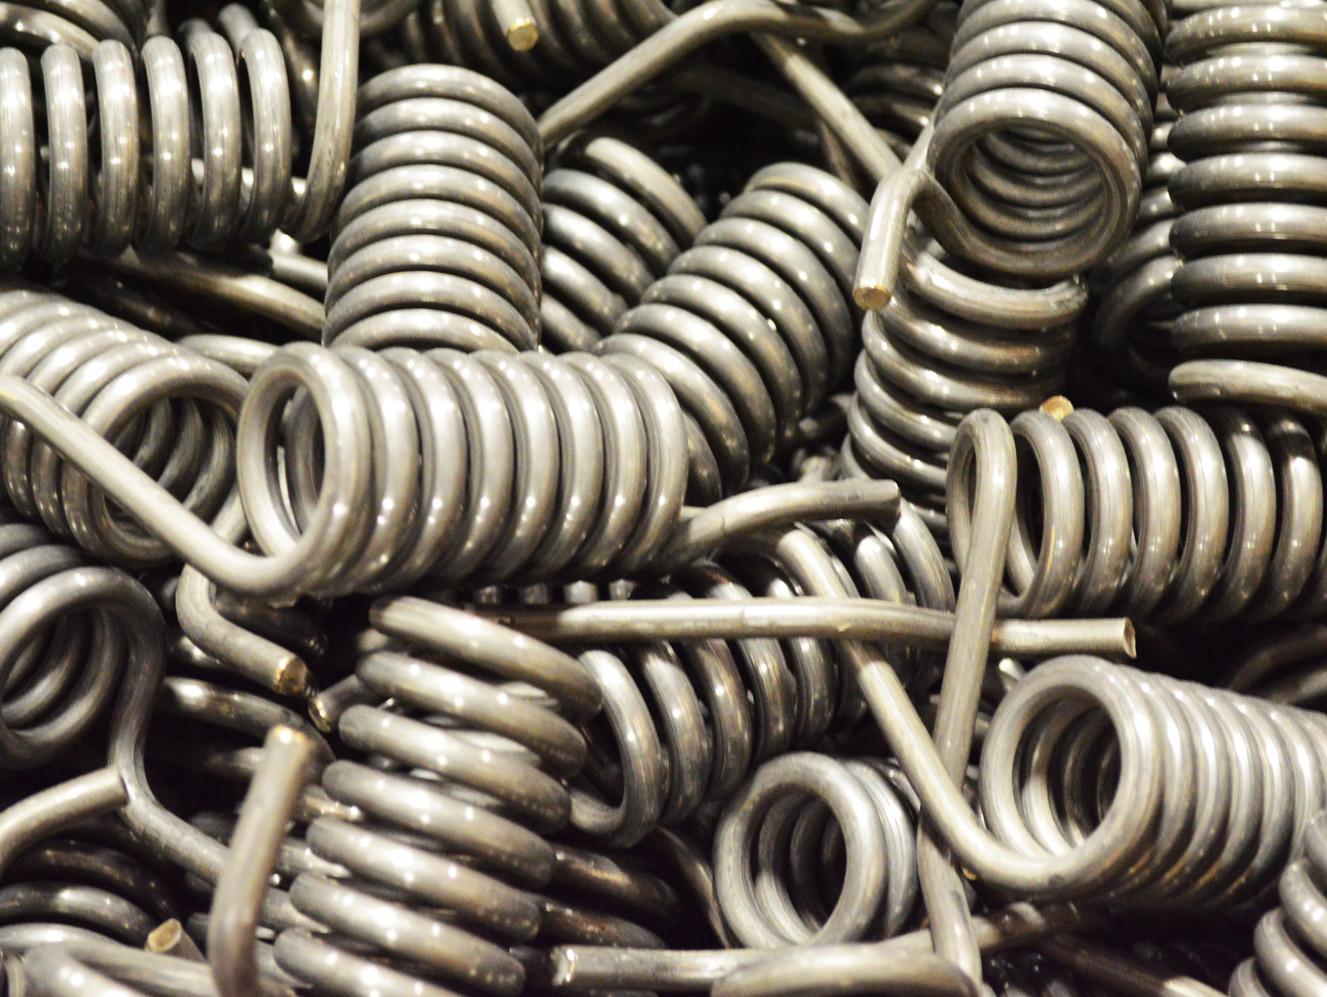 Steel Torsion Springs